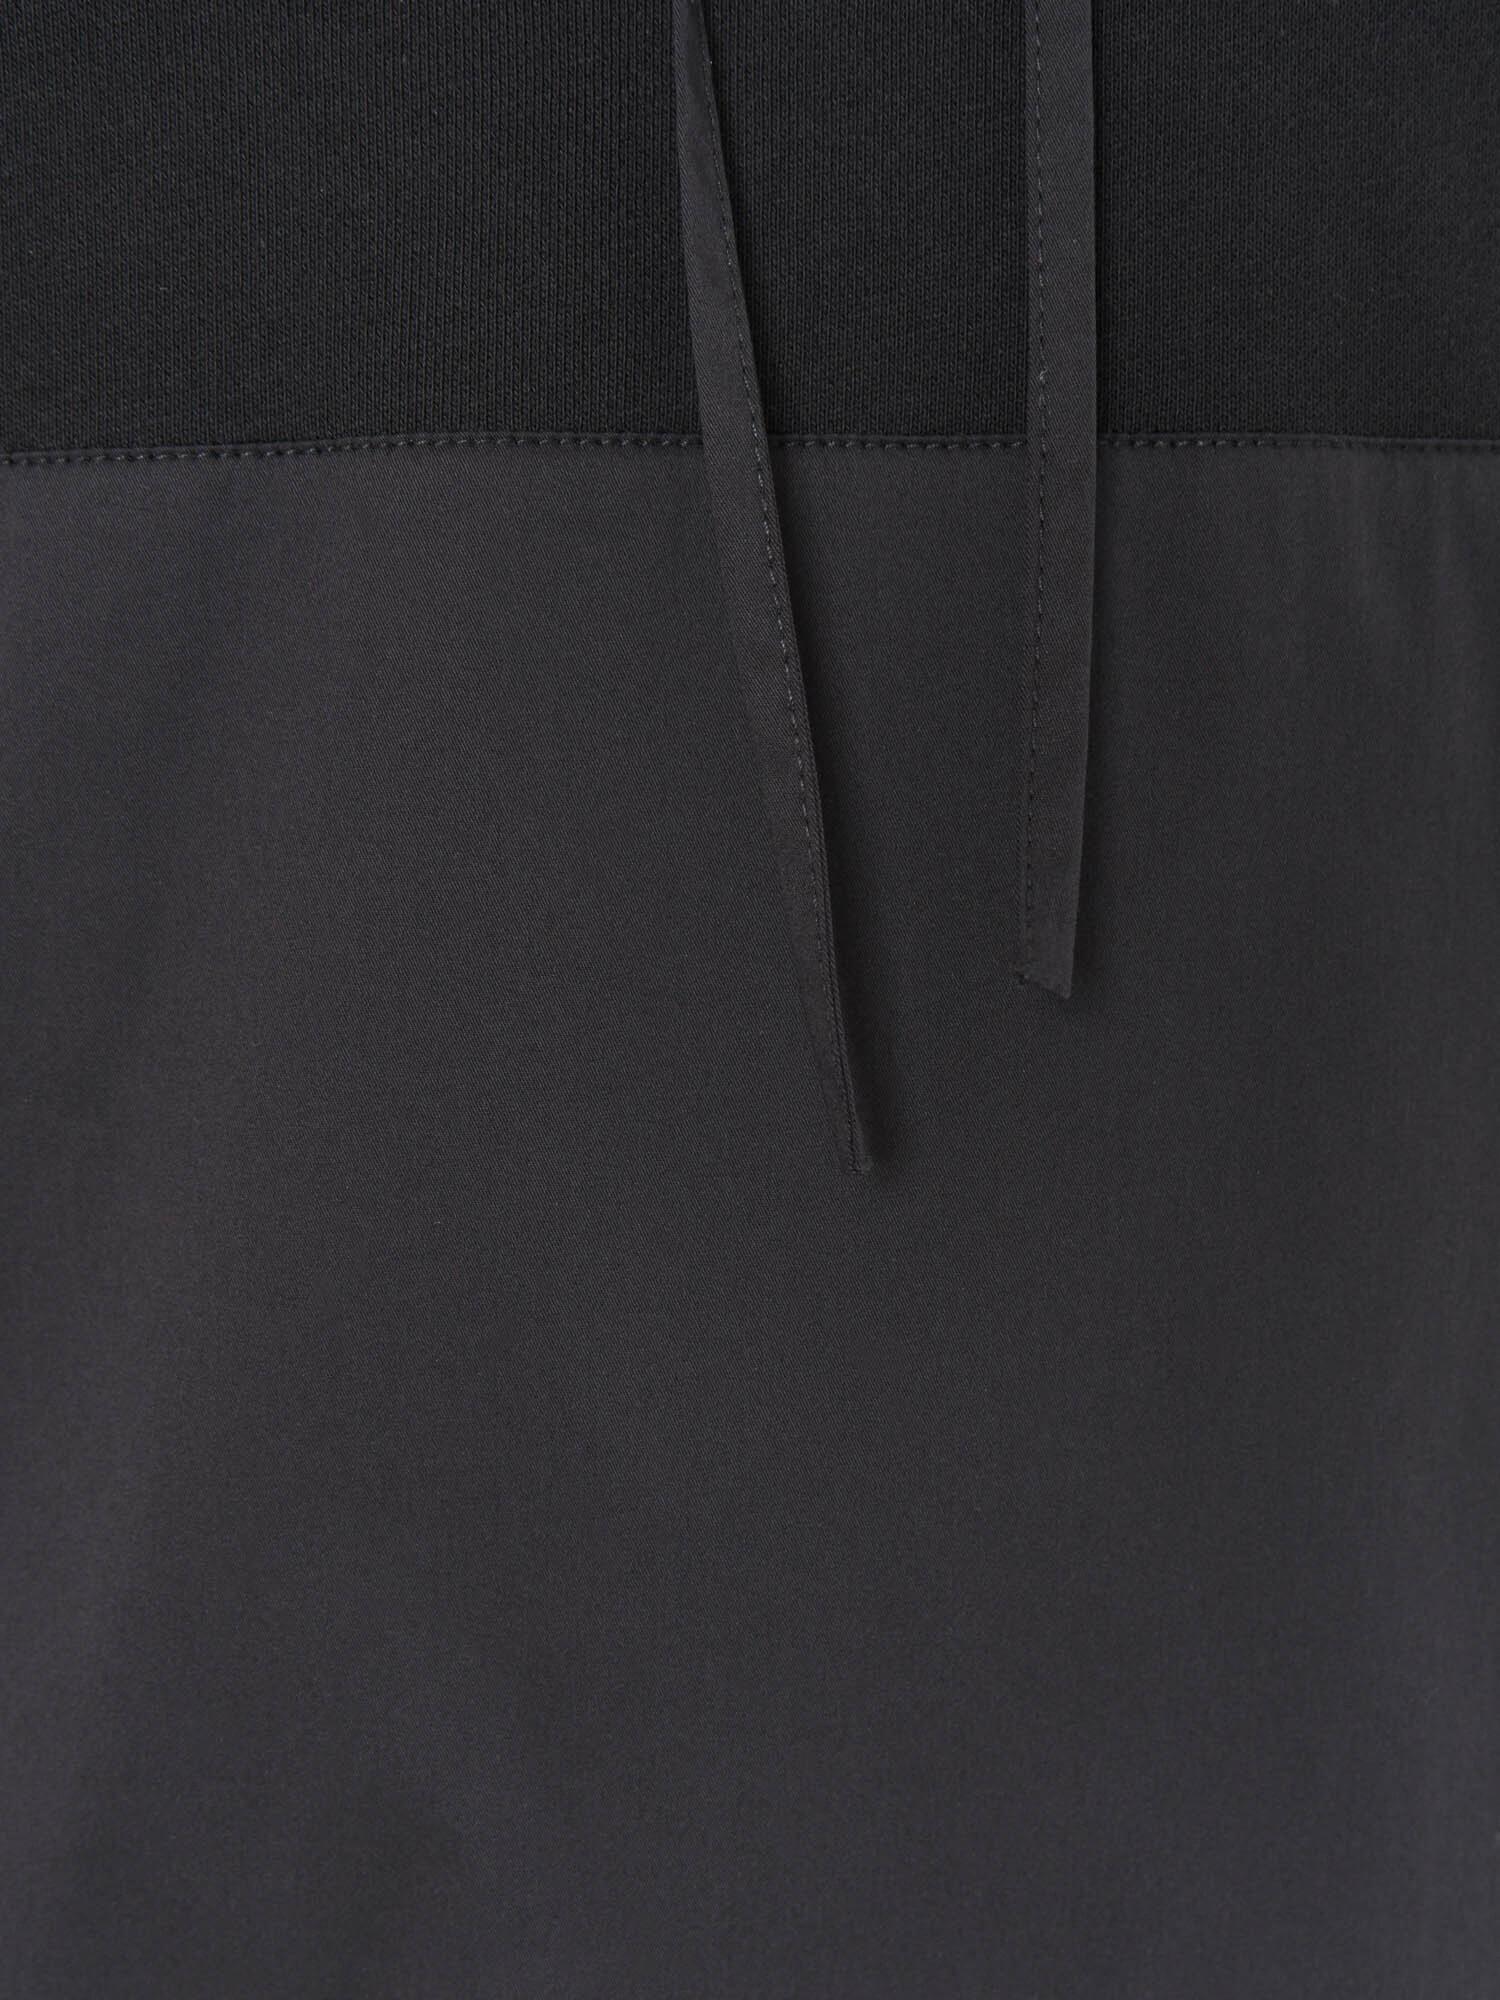 Худи Питтсбург с хлопковыми рукавами и карманом, Черный